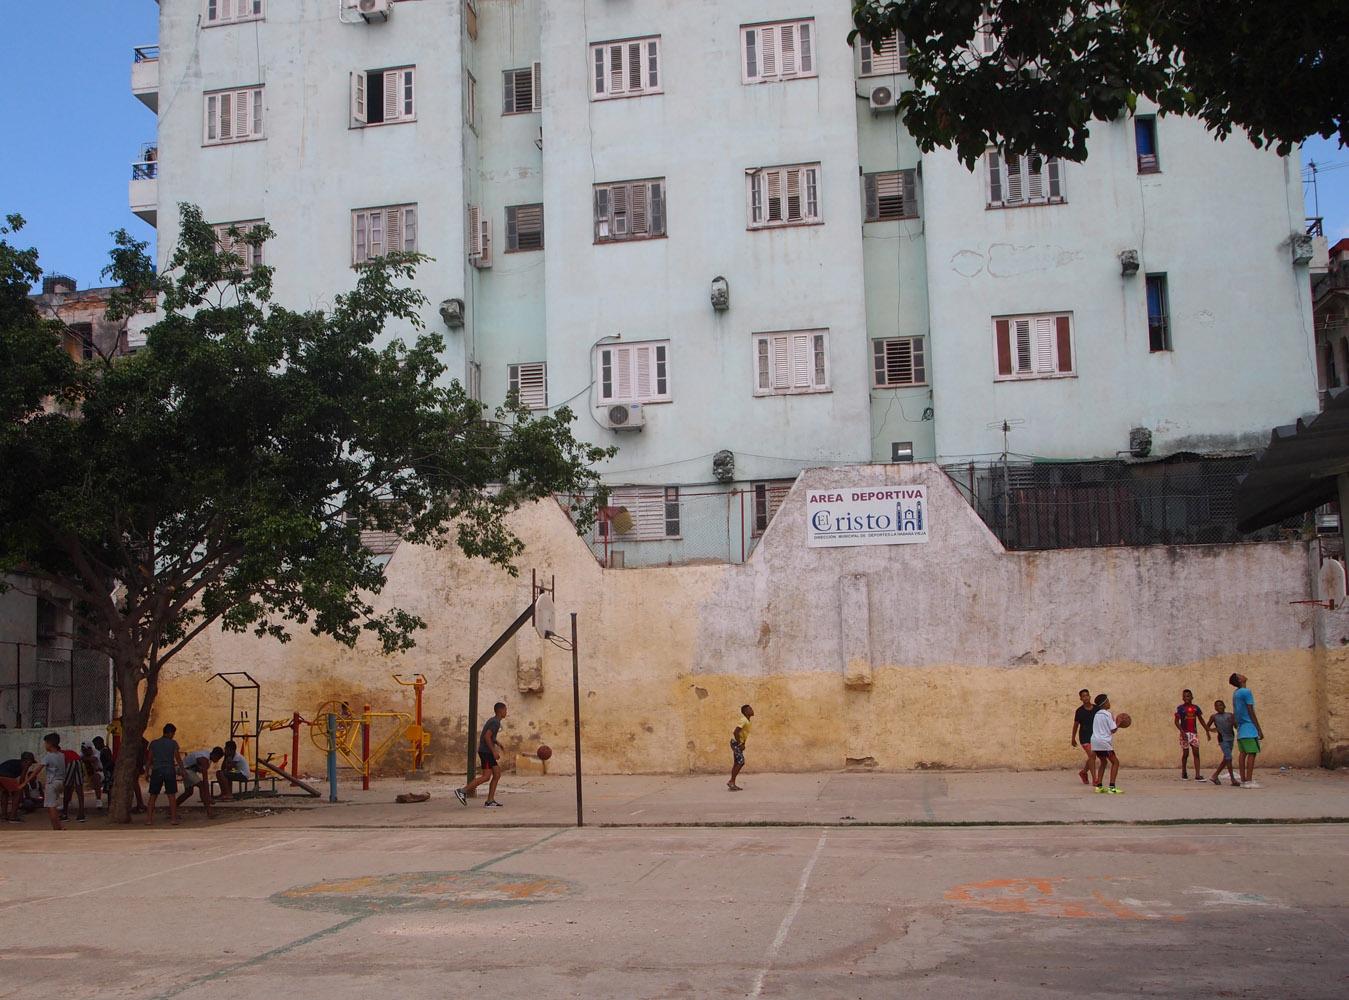 Cuba-Havana-Kids-Basketball-court.jpg